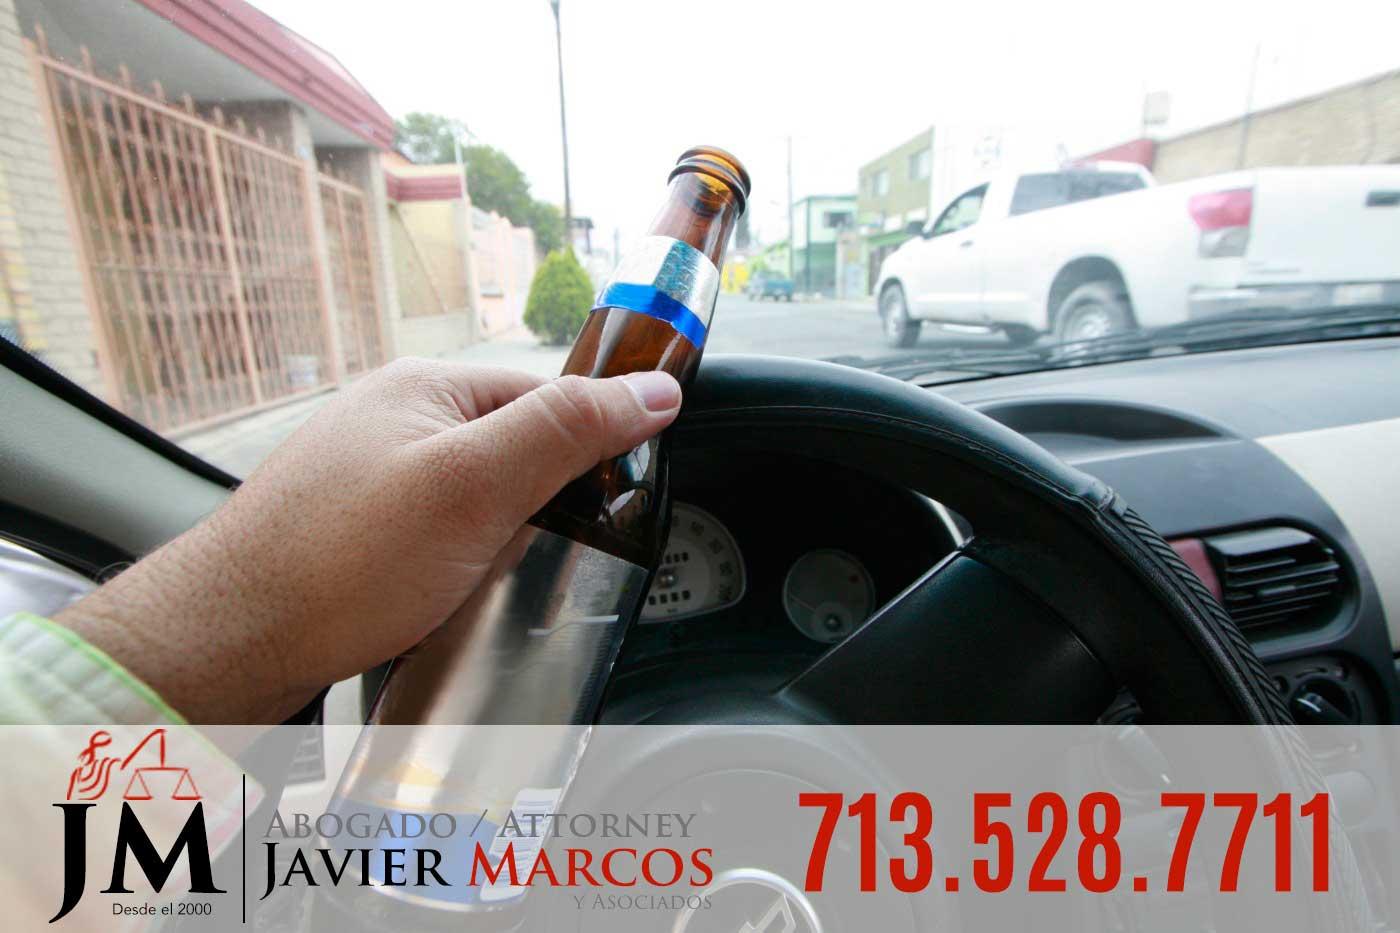 Abogado DWI | Abogado Javier Marcos | 713.528.7711